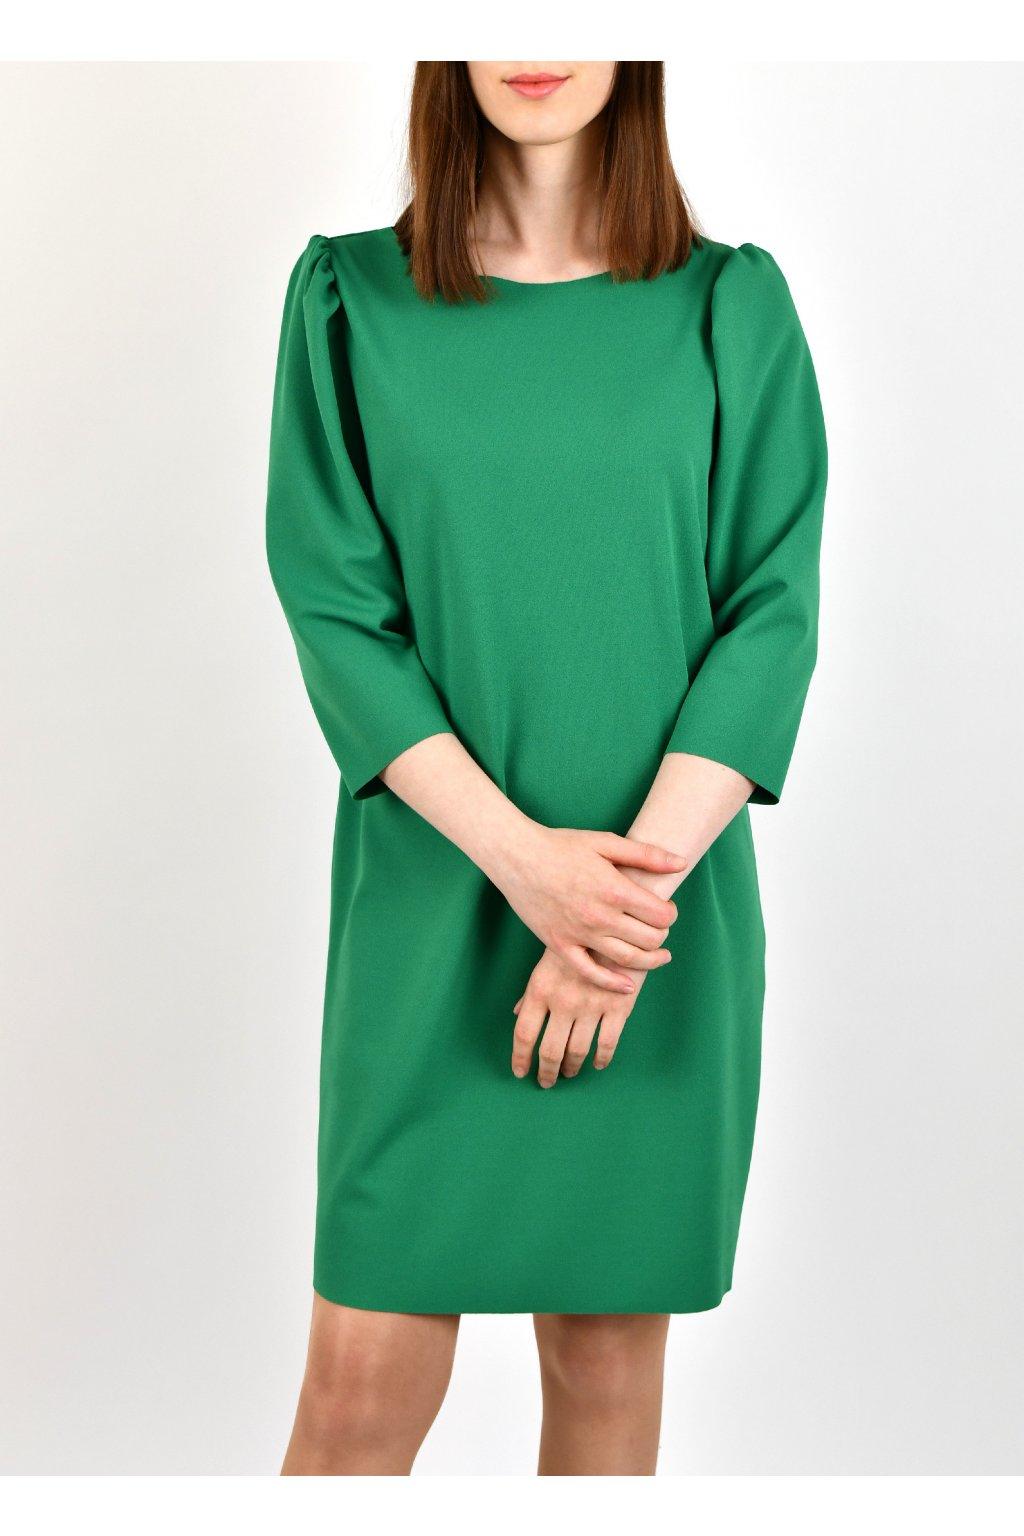 Šaty s nariasenými rukávmi - VI-VERDE